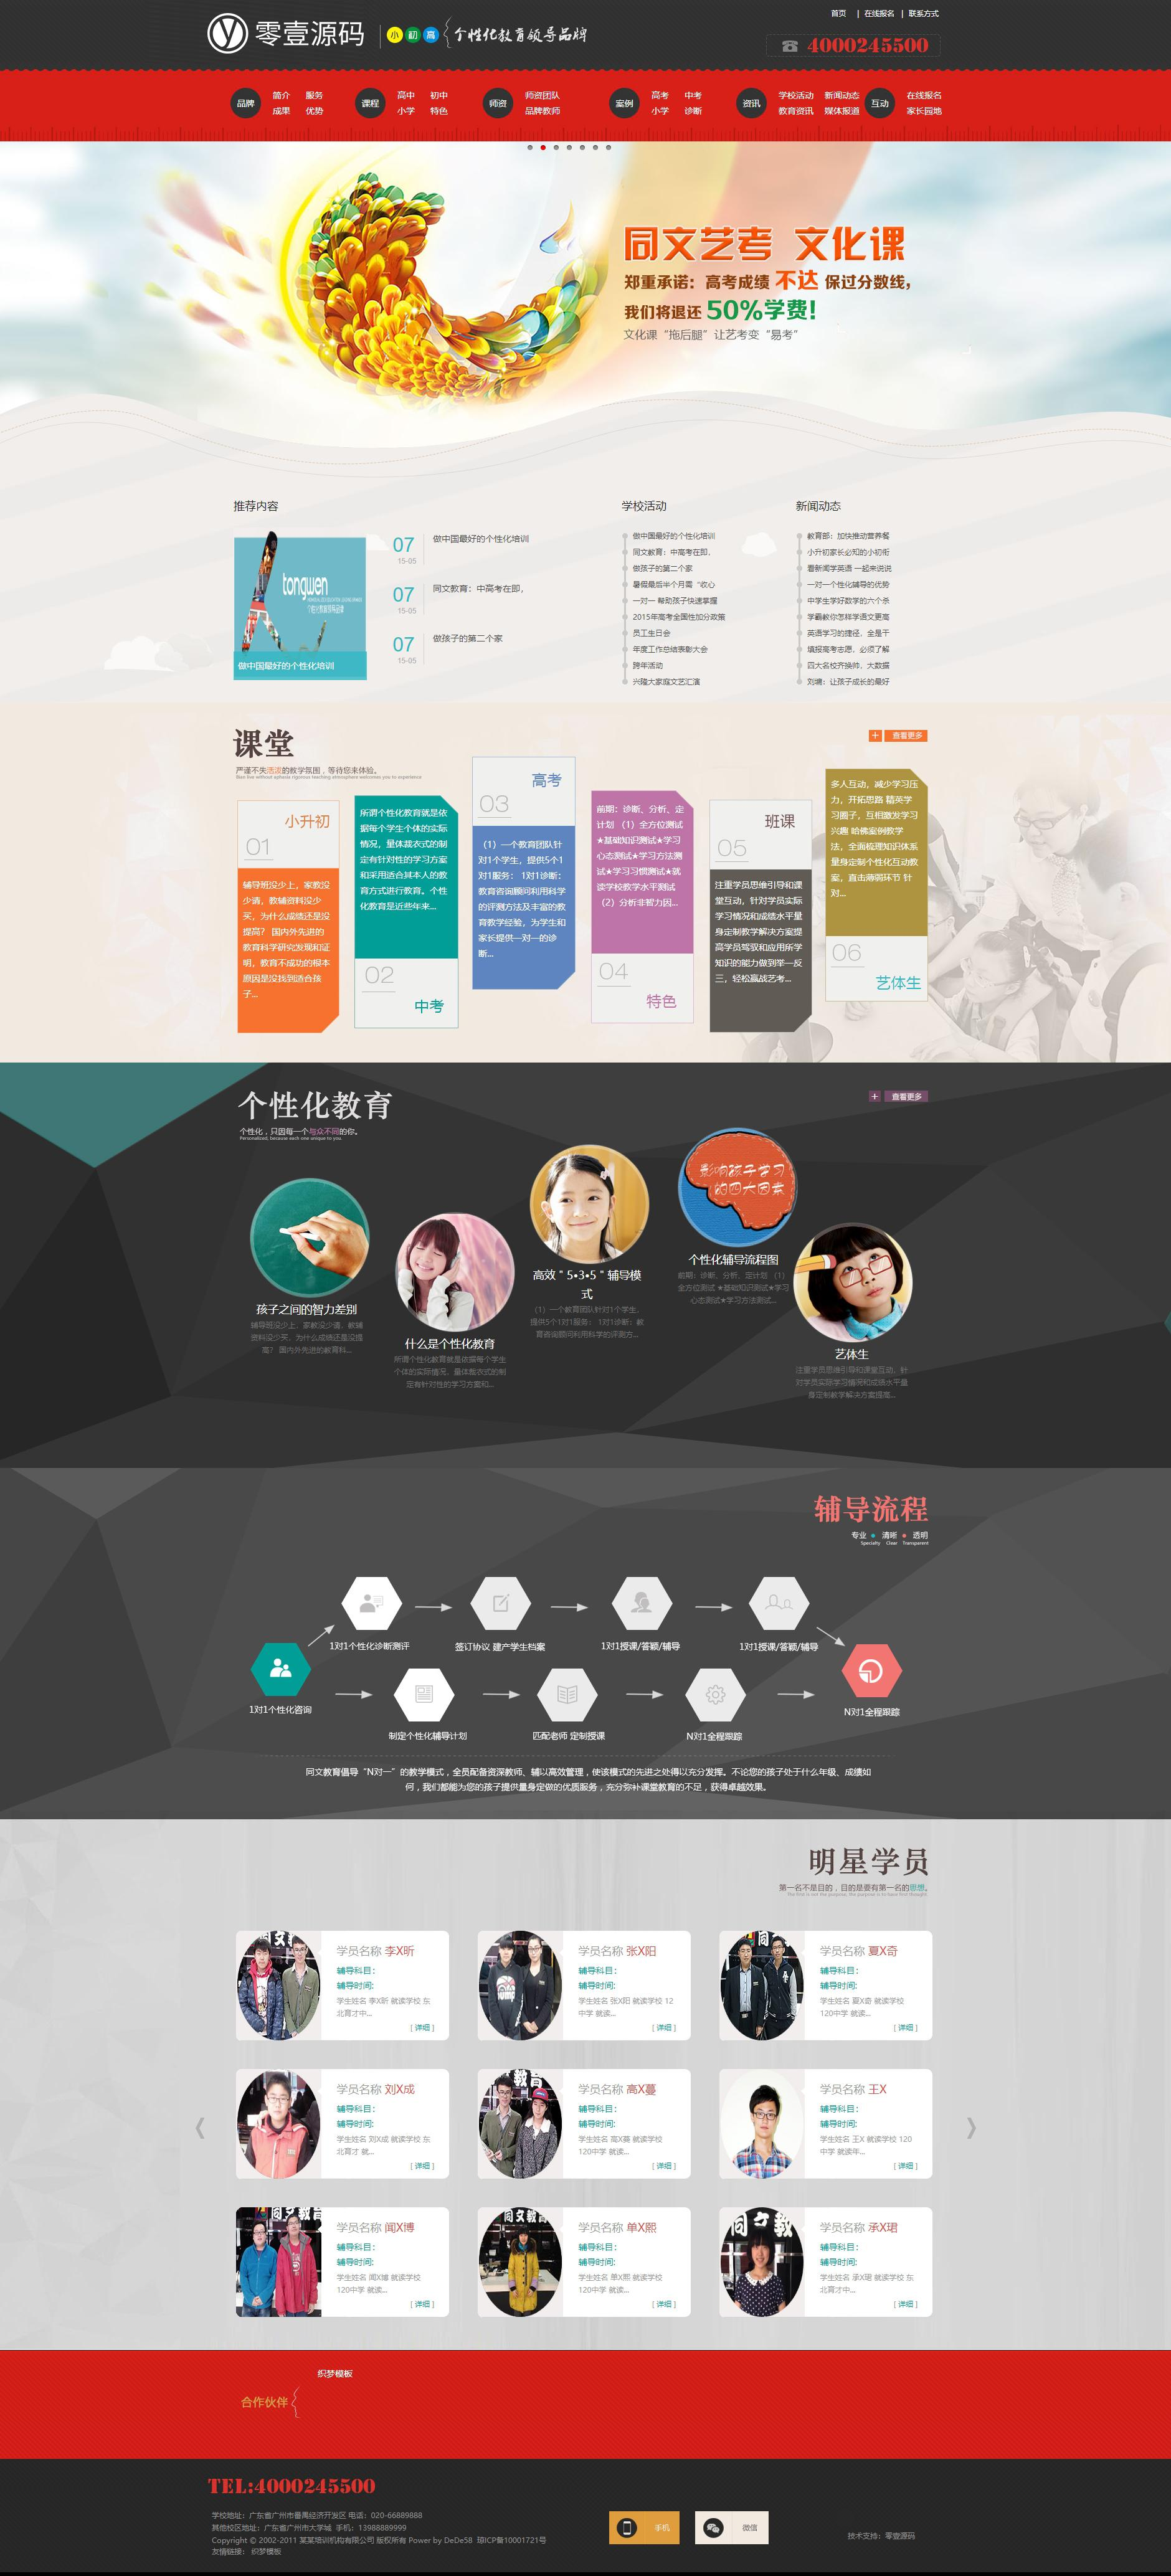 高端教育培训学校类企业织梦dedecms网站模板